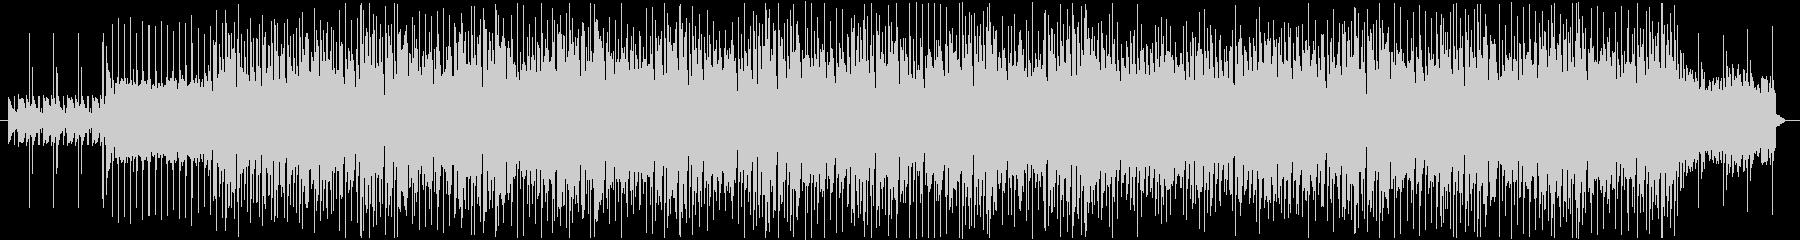 アコギのリズムが爽やかな曲の未再生の波形